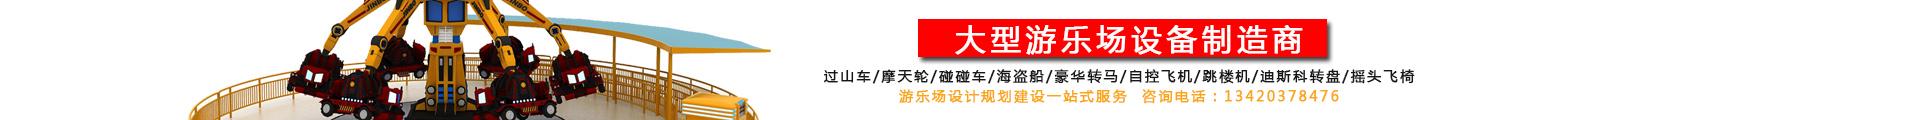 中山市金博游艺设备有限公司